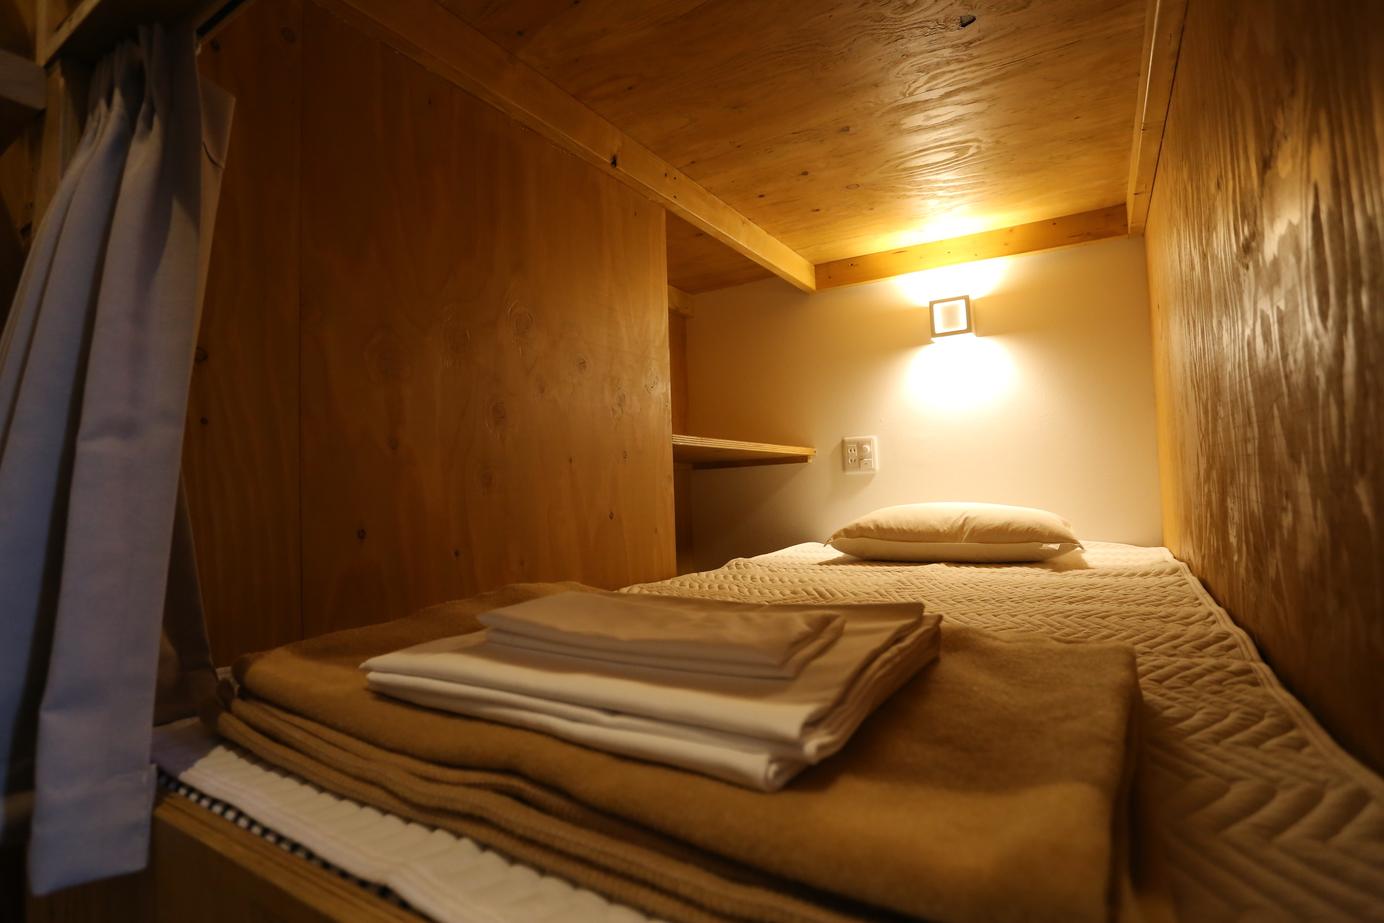 女性専用ドミトリー/female dormitory